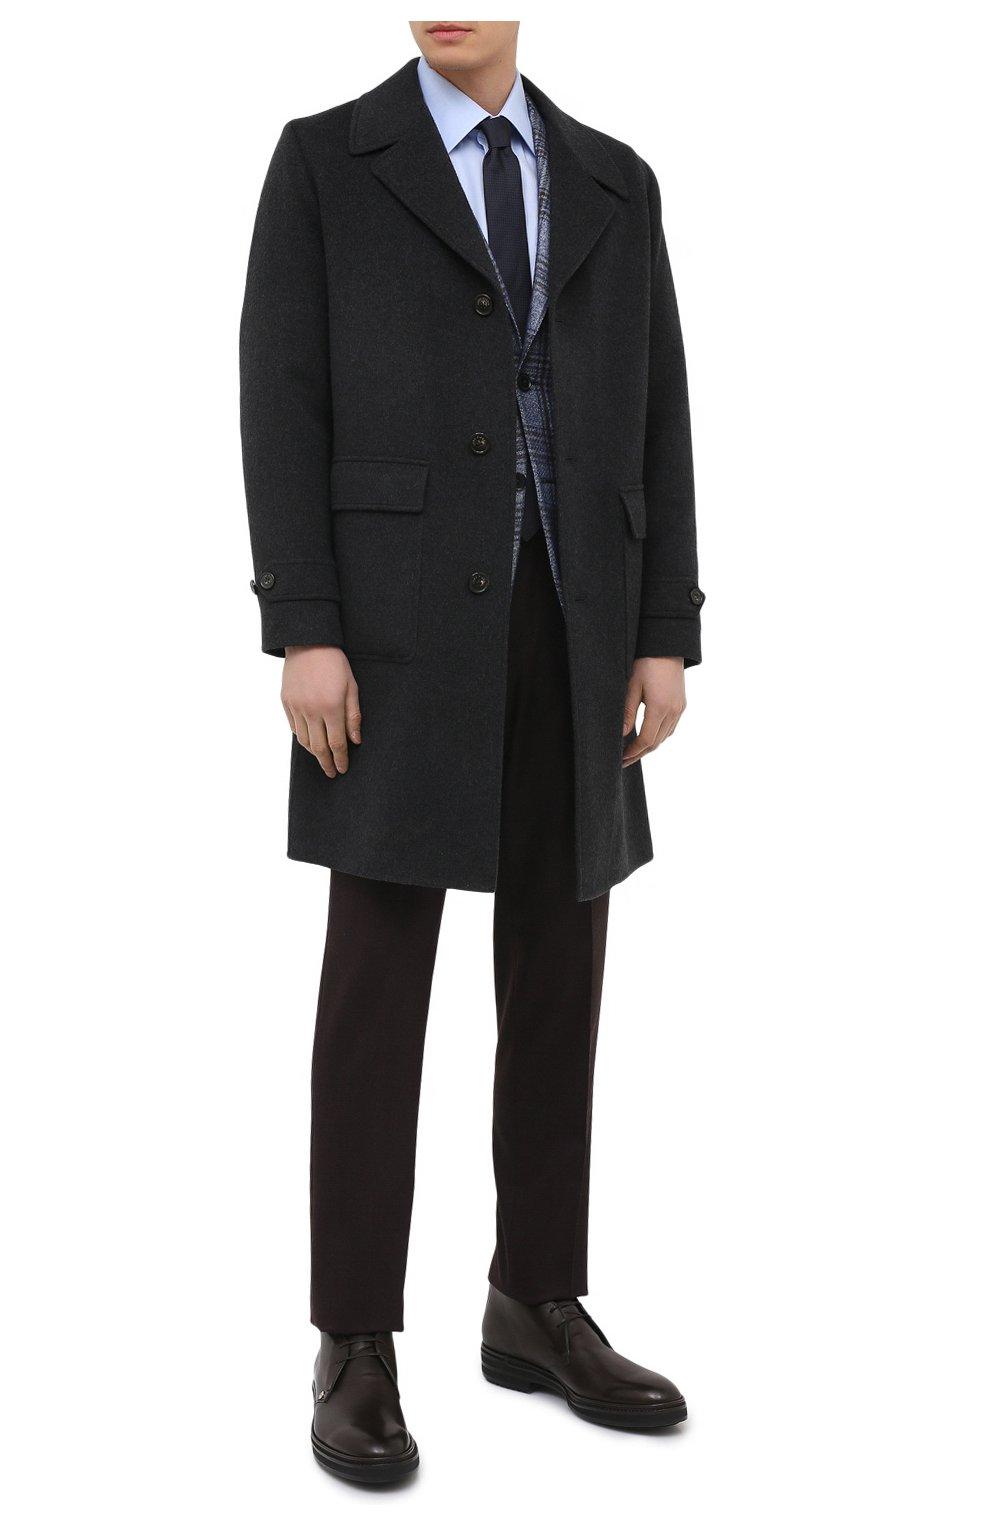 Мужские кожаные ботинки ZILLI коричневого цвета, арт. MDU-A095/005 | Фото 2 (Мужское Кросс-КТ: Ботинки-обувь, Дезерты-обувь; Материал внутренний: Текстиль; Подошва: Массивная)